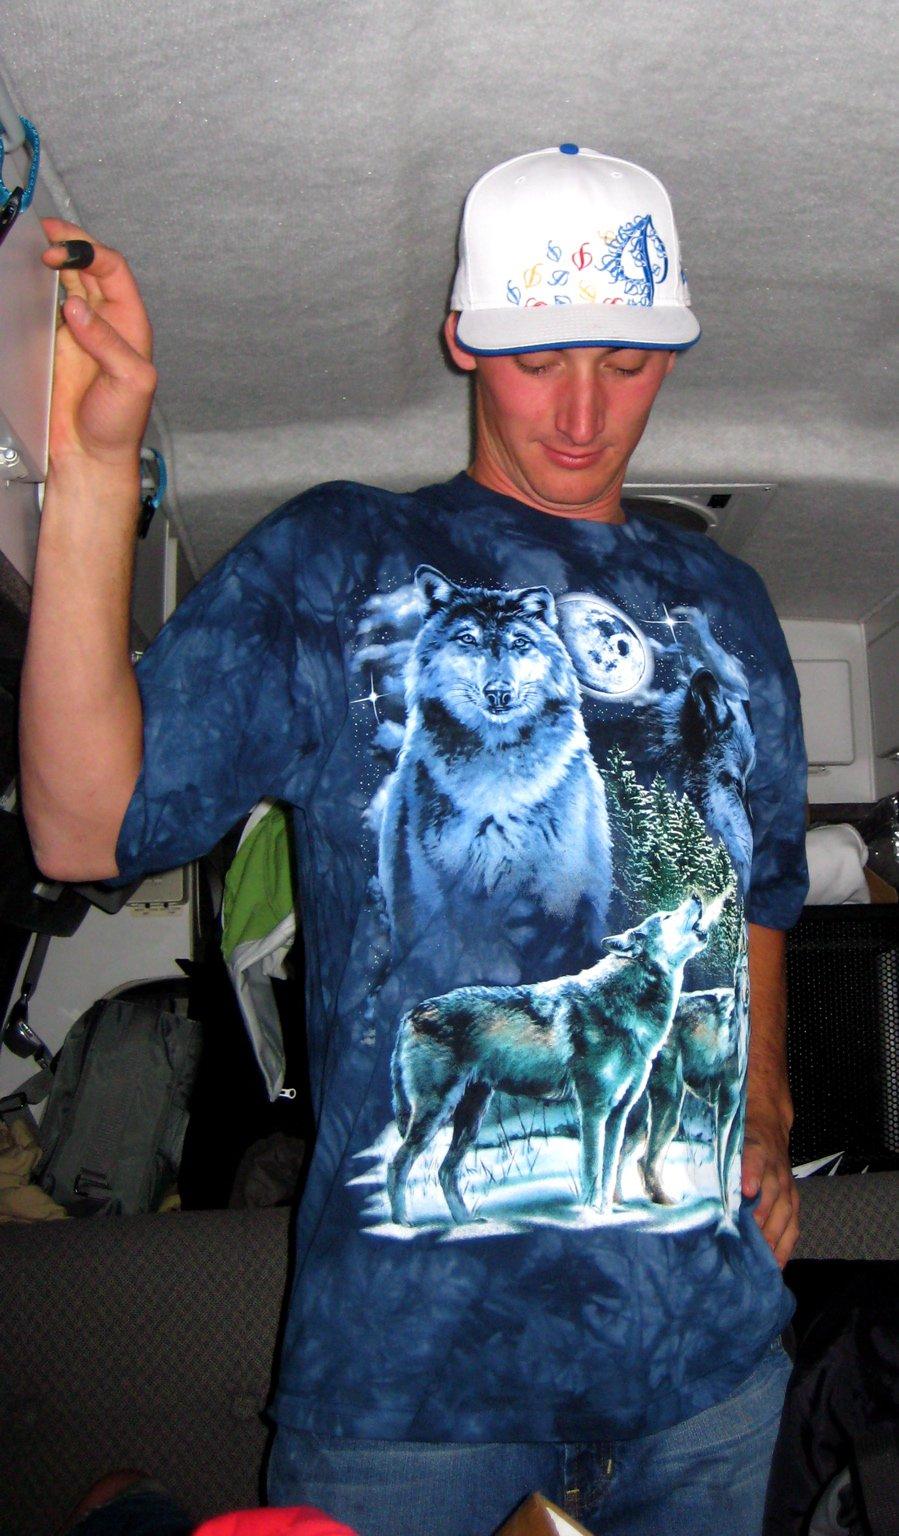 Dope Shirt